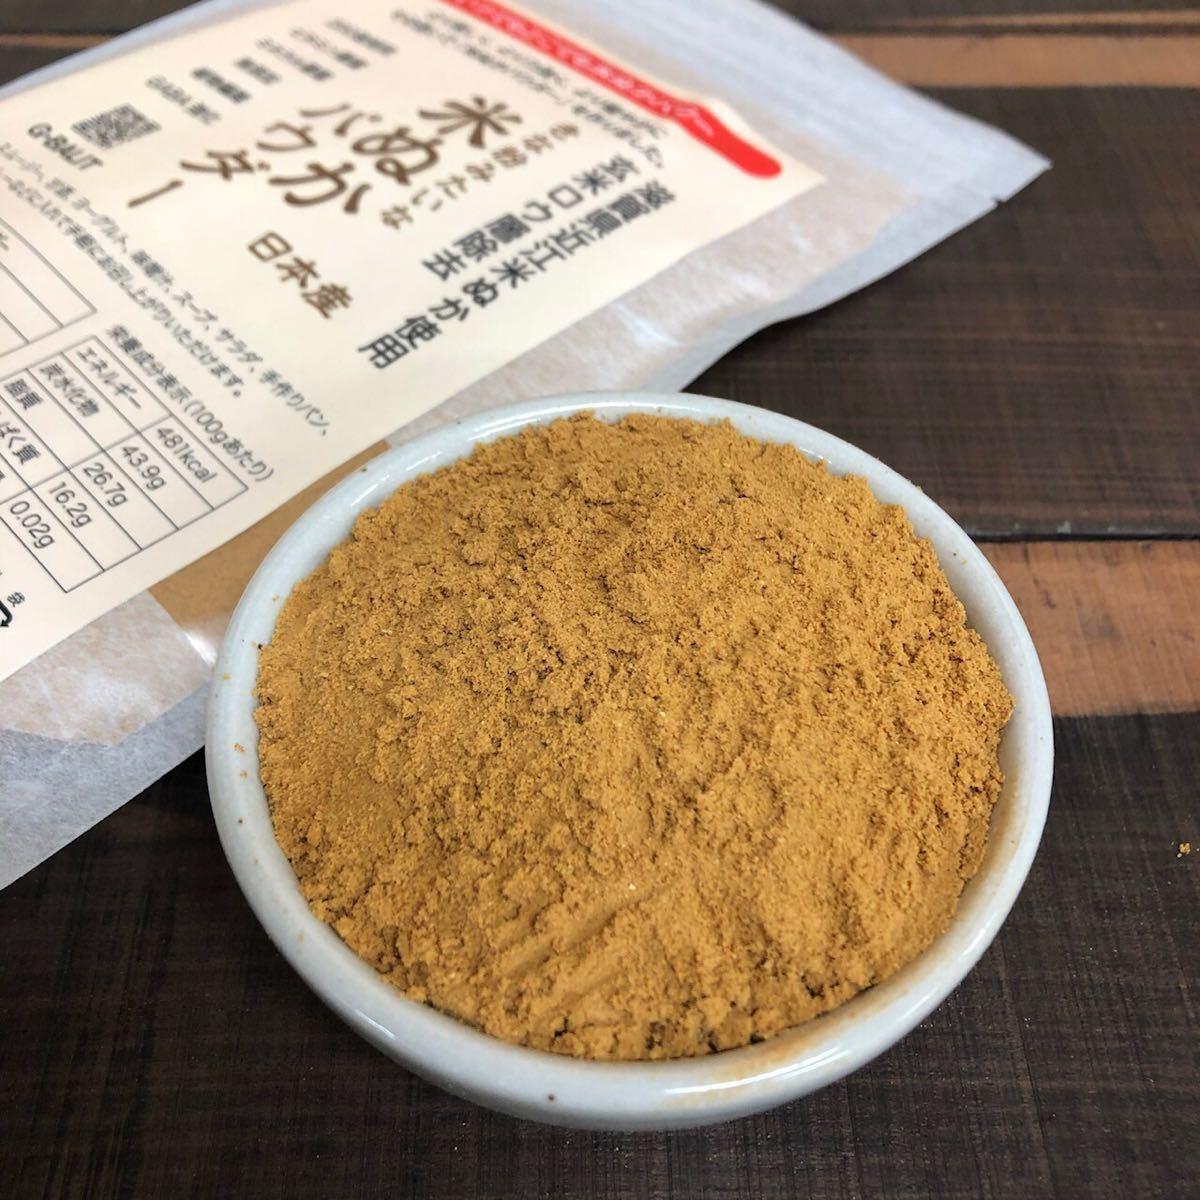 きな粉のような米ぬかパウダー 500g 滋賀県産無農薬近江米ぬか使用 米ぬか 無添加 食物繊維 ビタミン B ビタミンE ミネラル UP HADOO_画像3